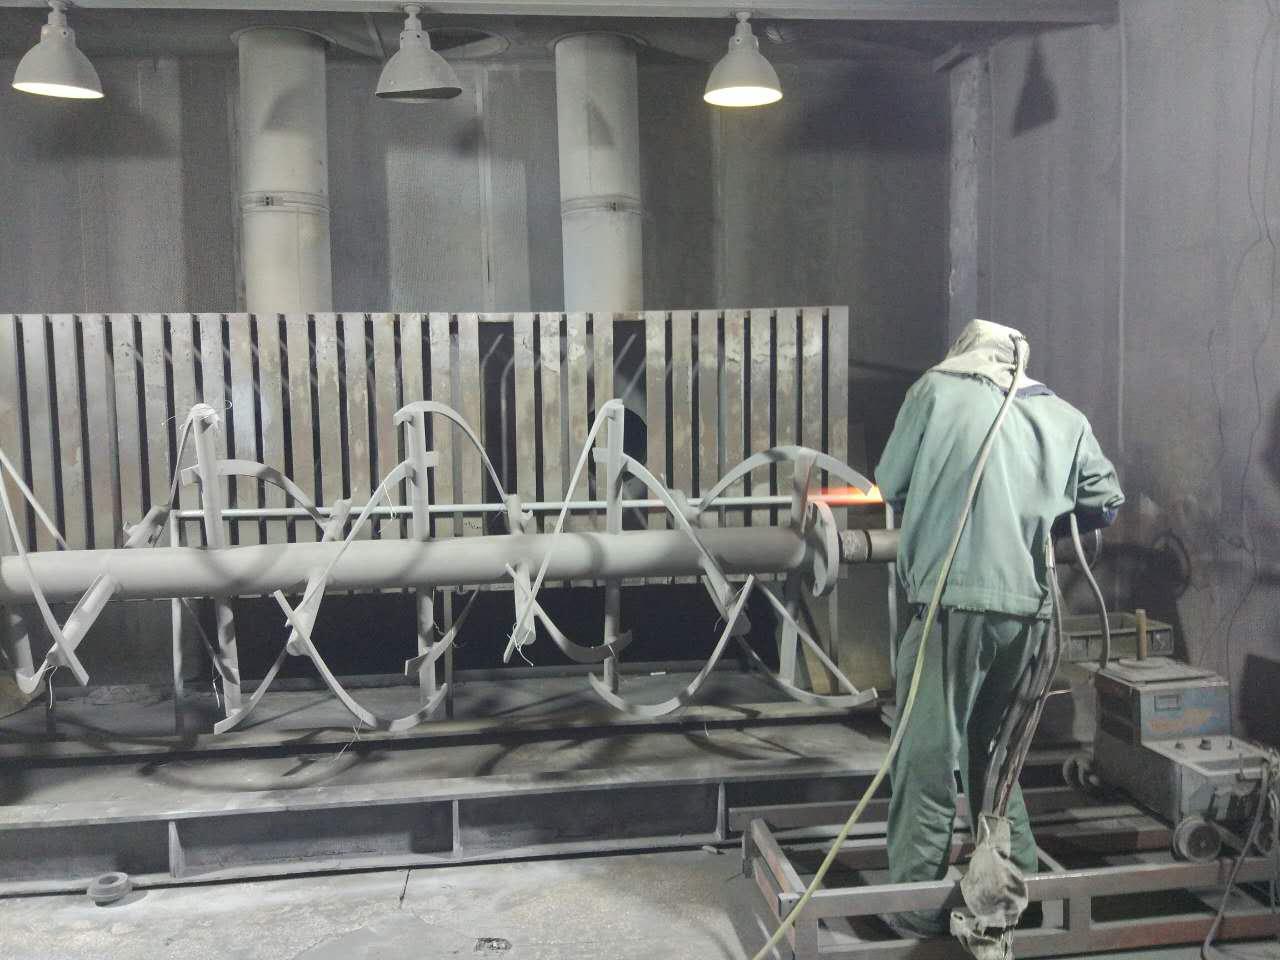 螺带搅拌轴喷涂碳化钨耐磨处理,防止金属杂质进入物料中